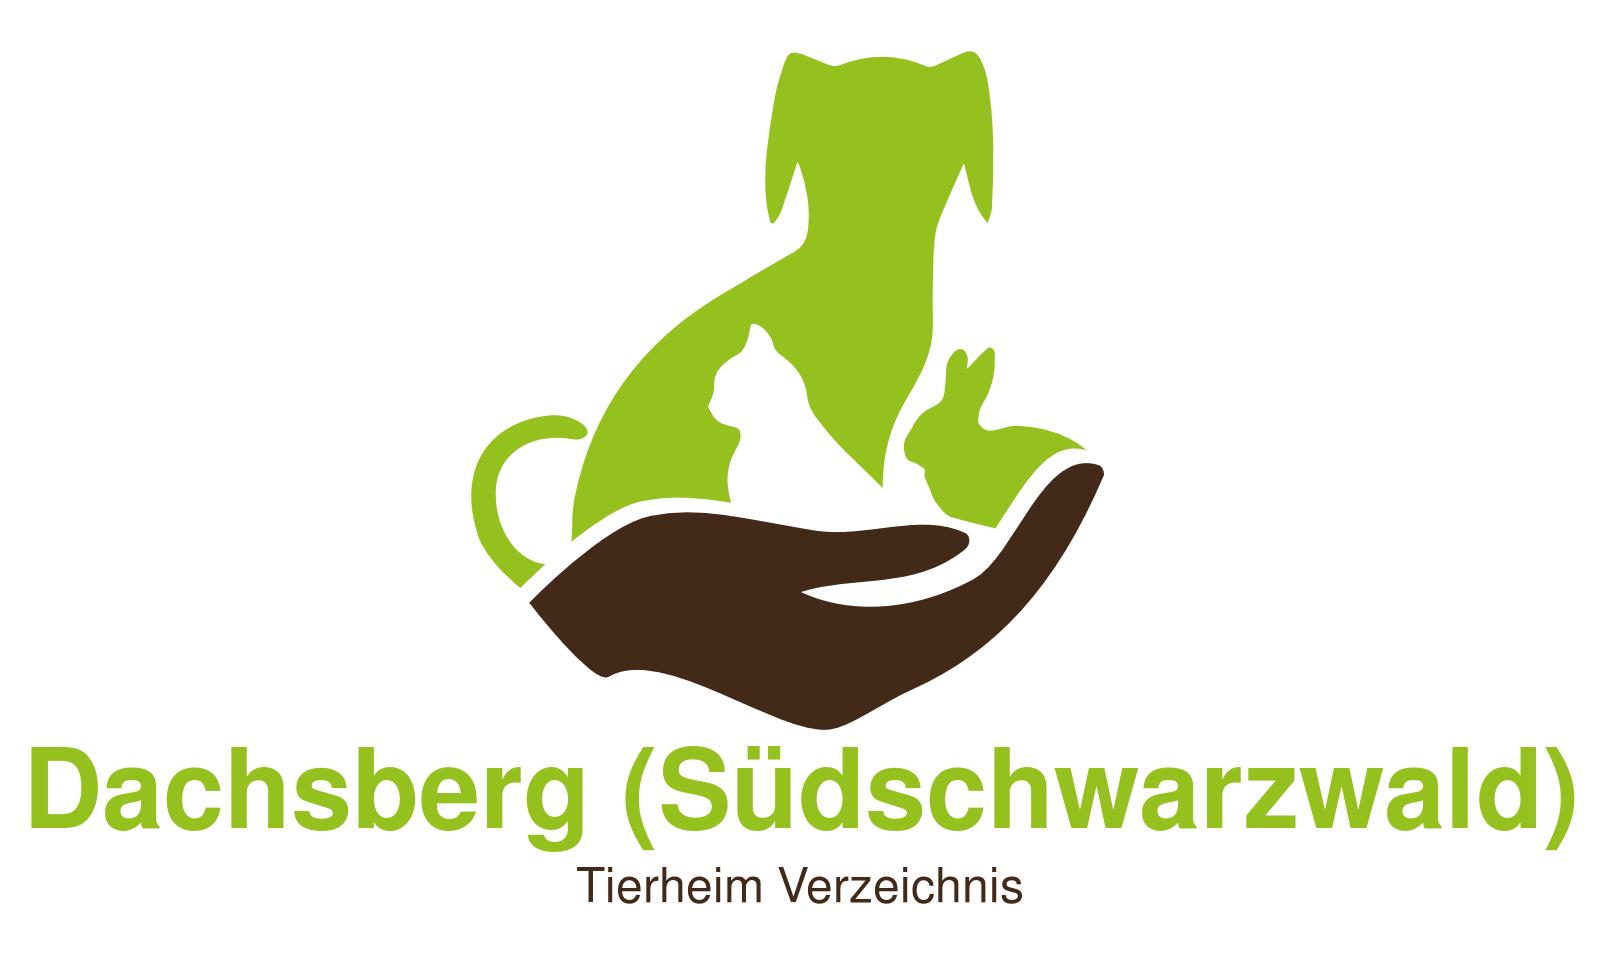 Tierheim Dachsberg (Südschwarzwald)